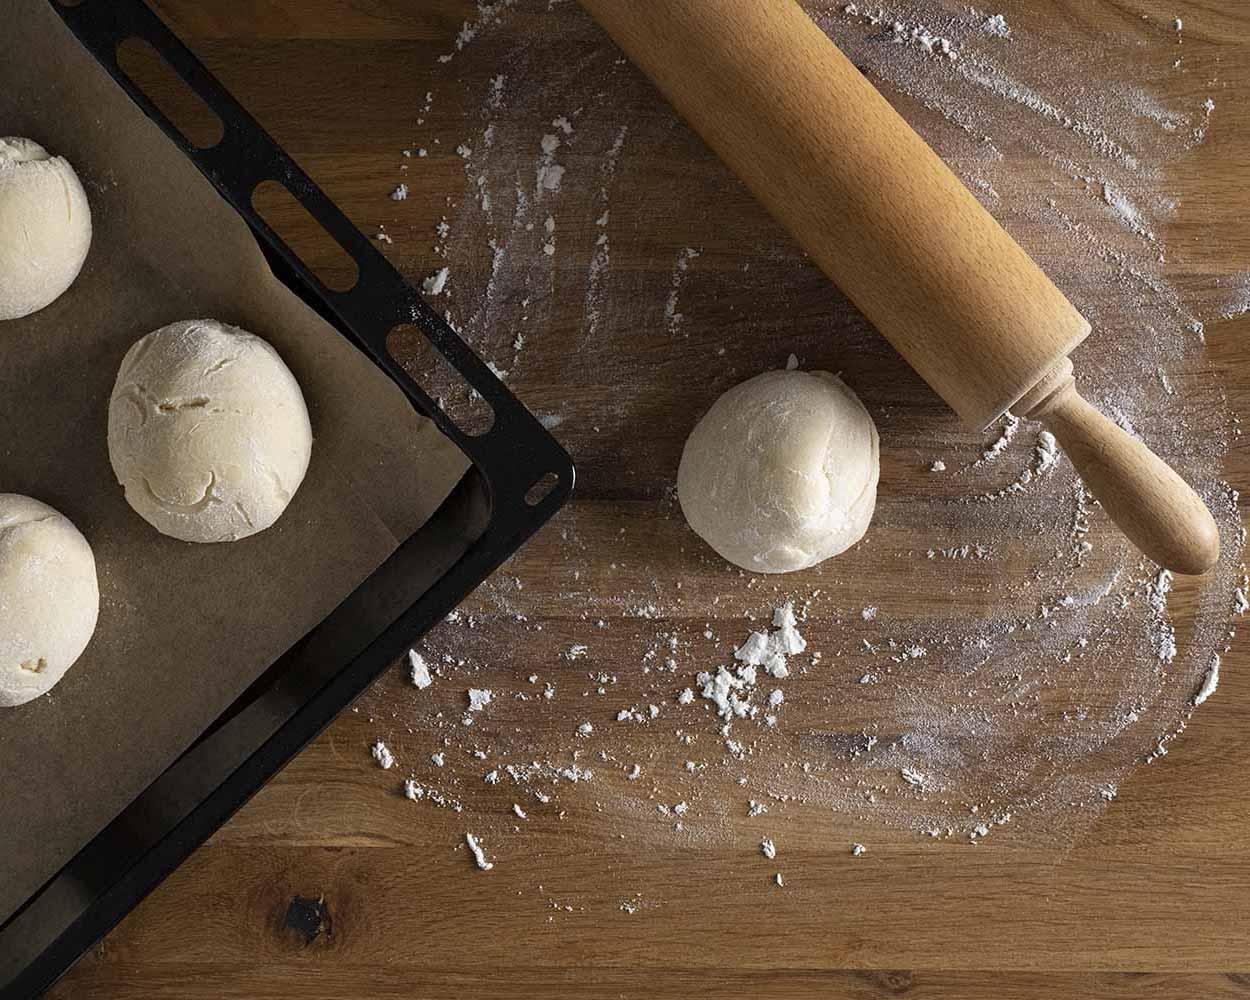 Die erste Kugel liegt auf einer bemehlten Fläche und wird gleich zu einem länglichen Naan Brot ausgerollt. Zu sehen ist auch das Nudelholz.